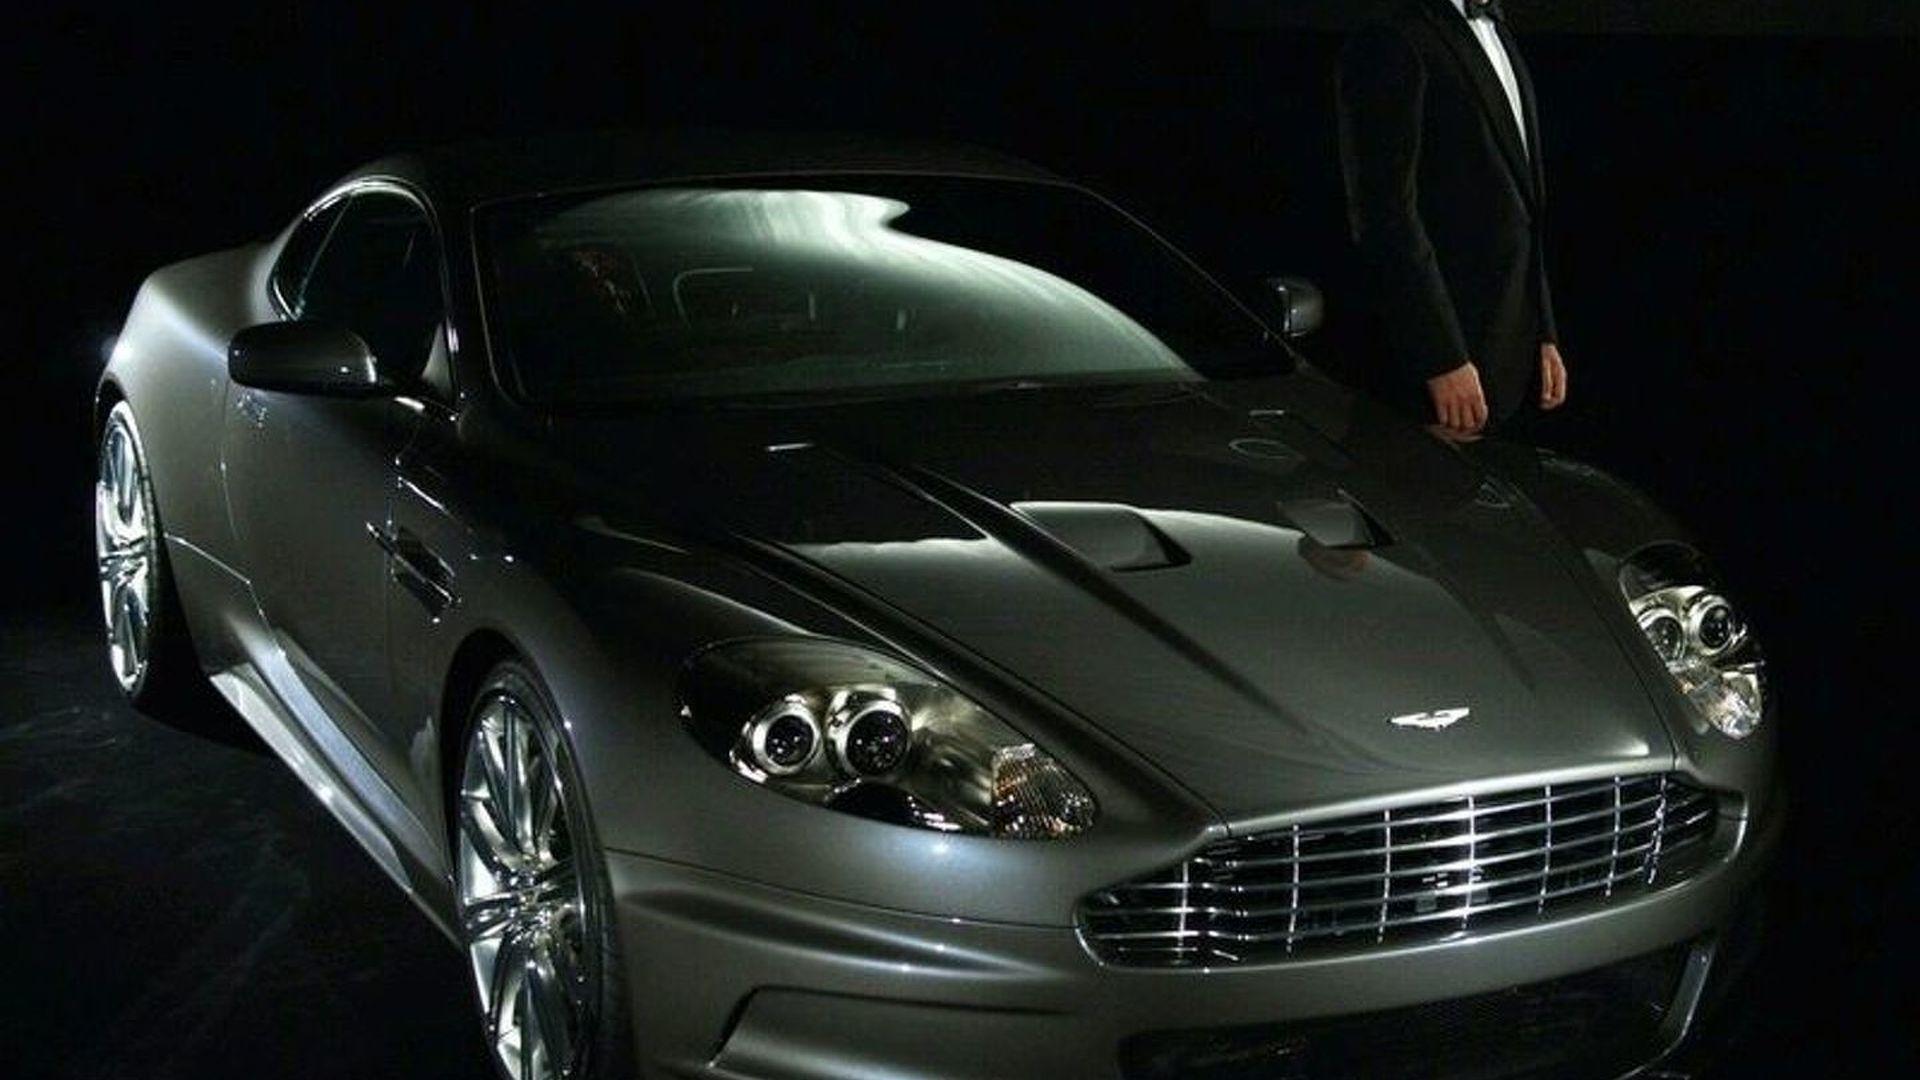 James Bond's Totalled Aston Martin DBS Sells for £200K